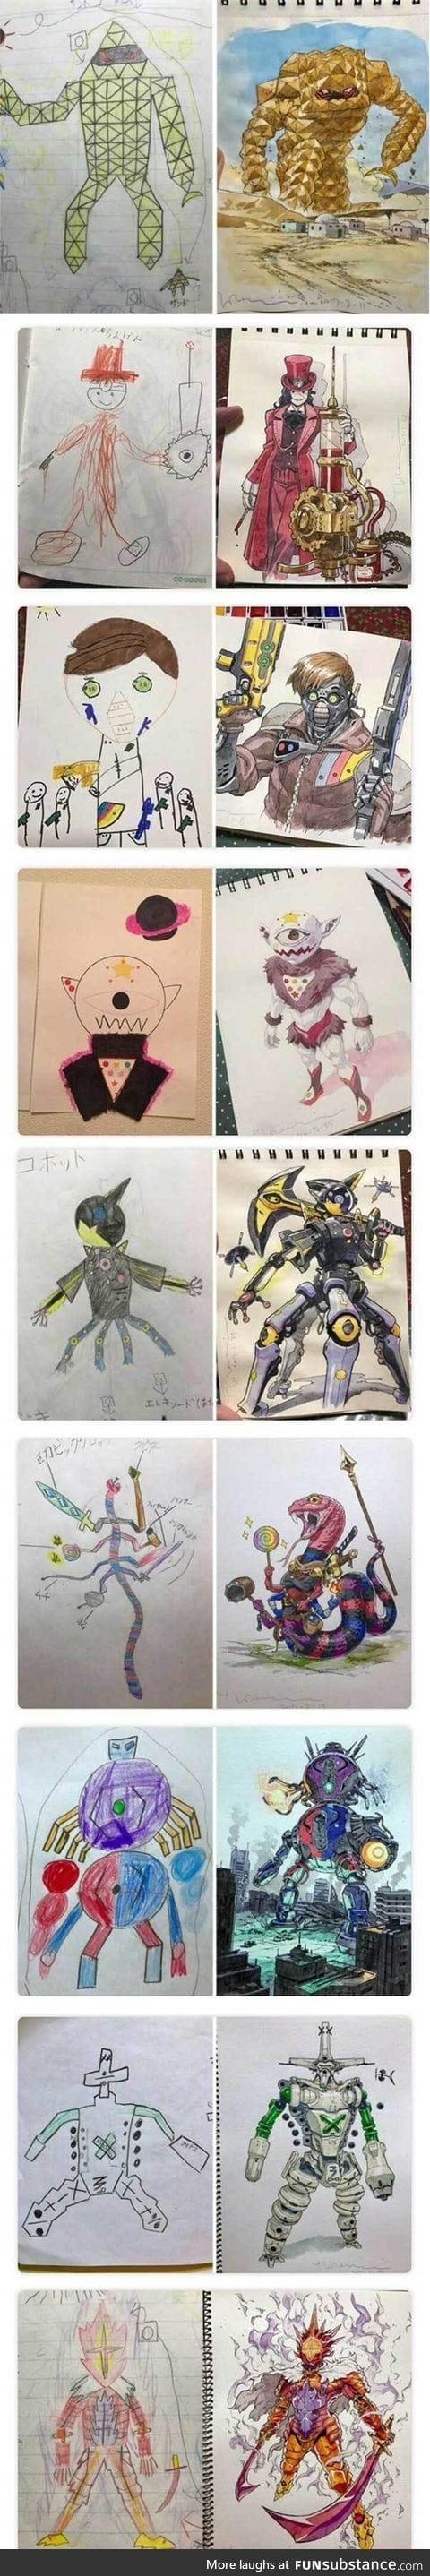 Designer dad recreates son drawings